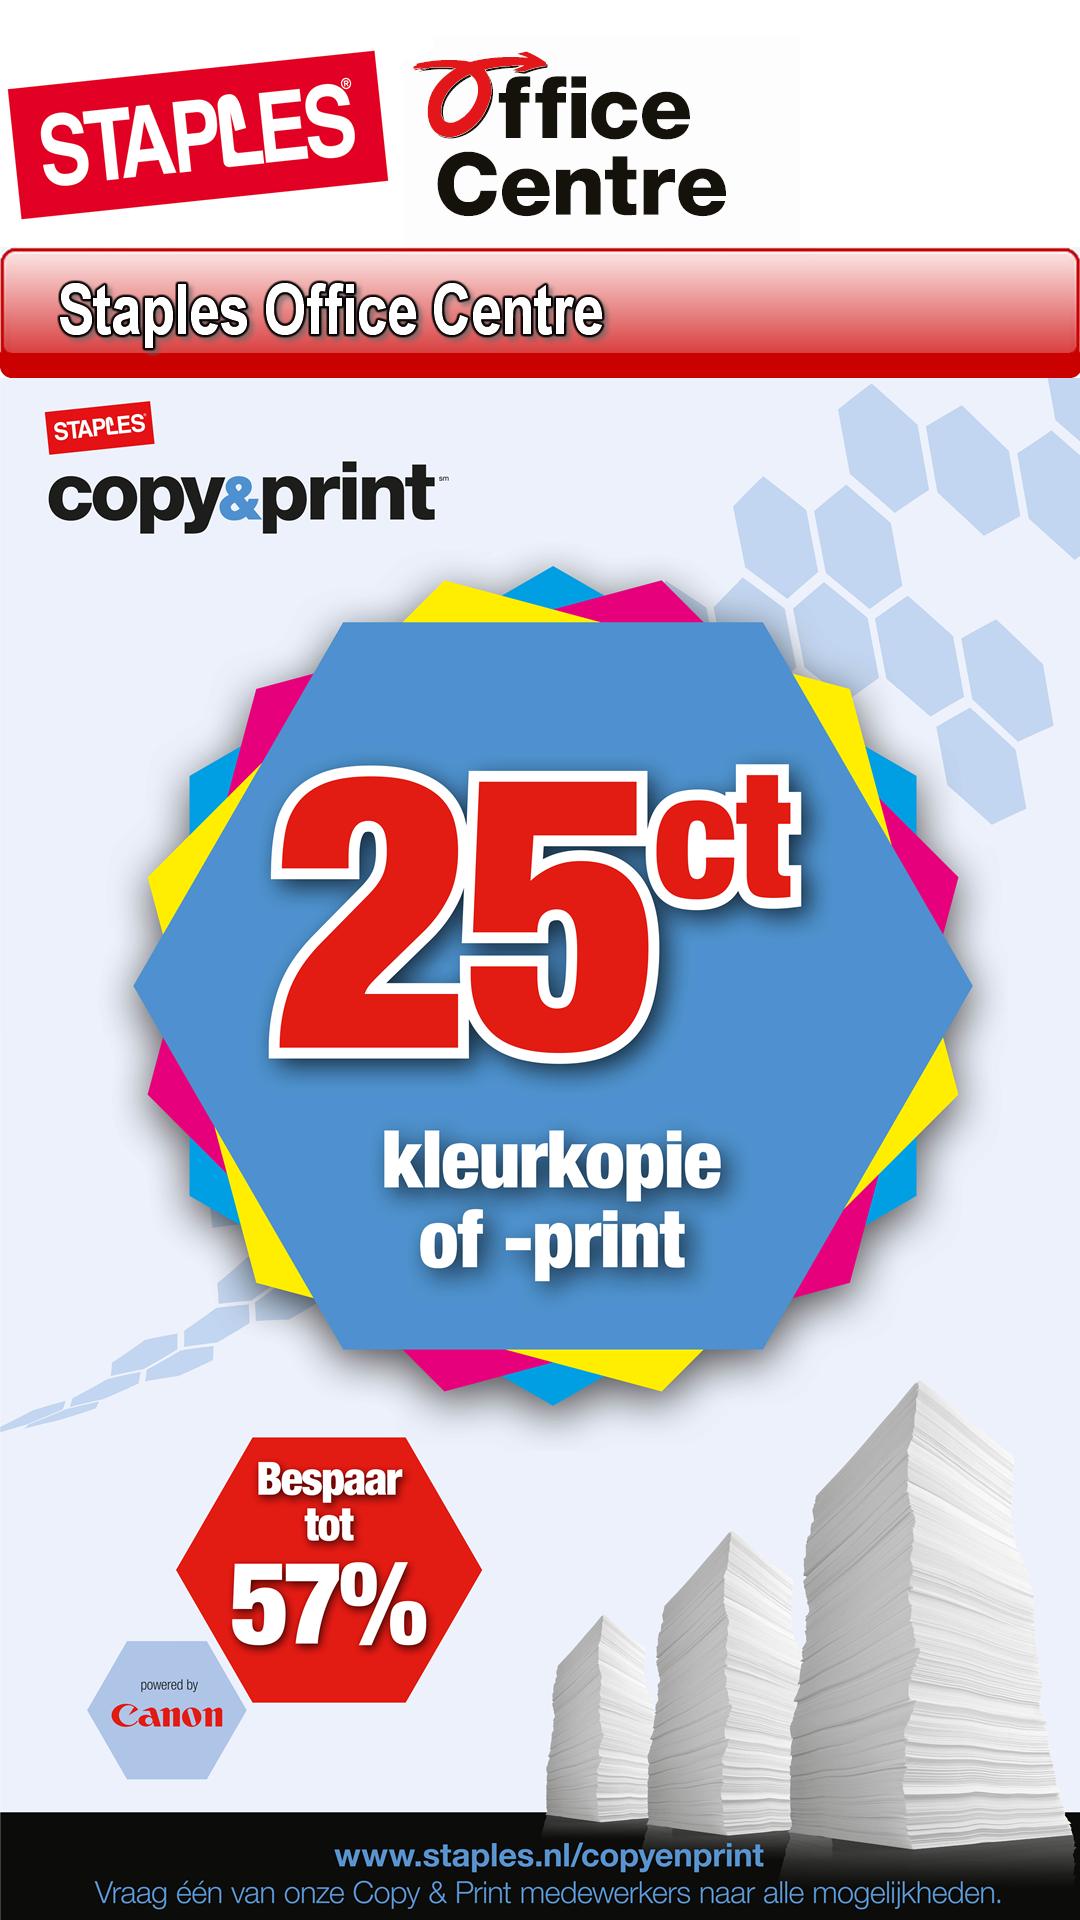 Staples Office Centre Hilversum Copy Print